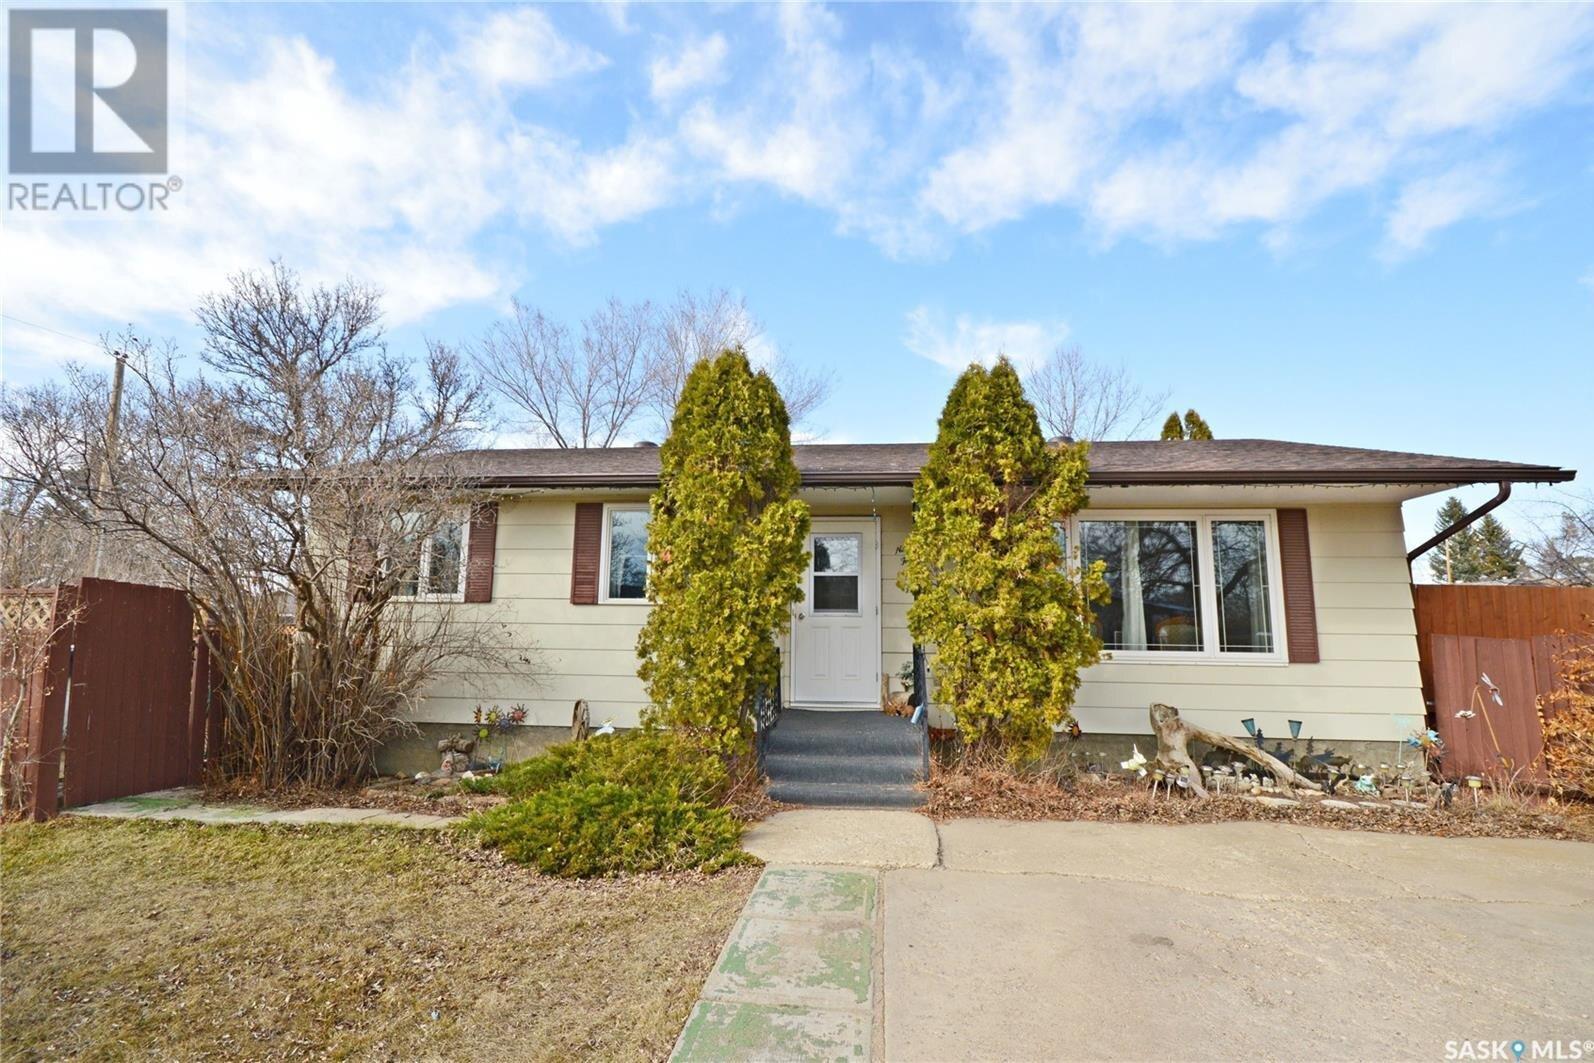 House for sale at 944 Holdsworth Cres Moose Jaw Saskatchewan - MLS: SK831119